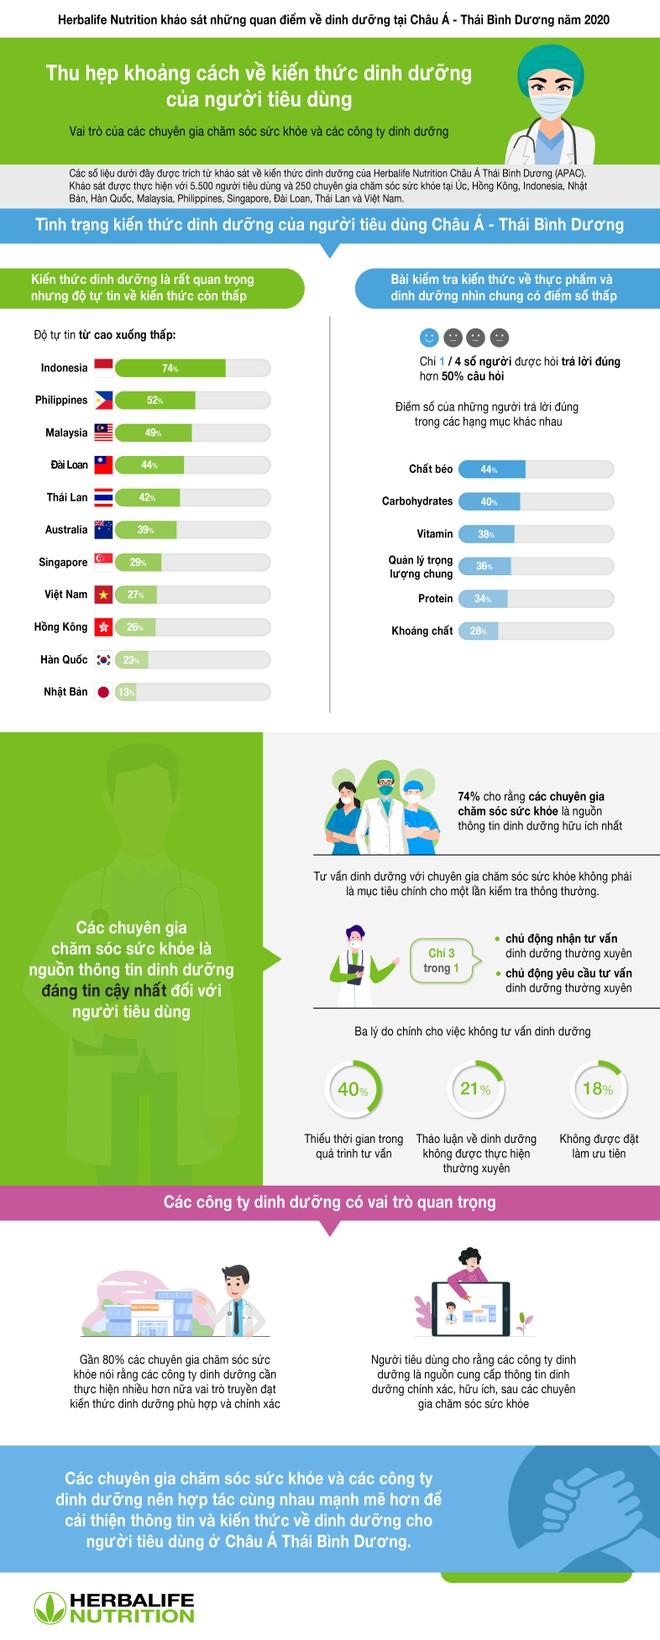 Gần 75% khách hàng cho rằng nguồn tư vấn dinh dưỡng đáng tin cậy là các chuyên gia ảnh 1